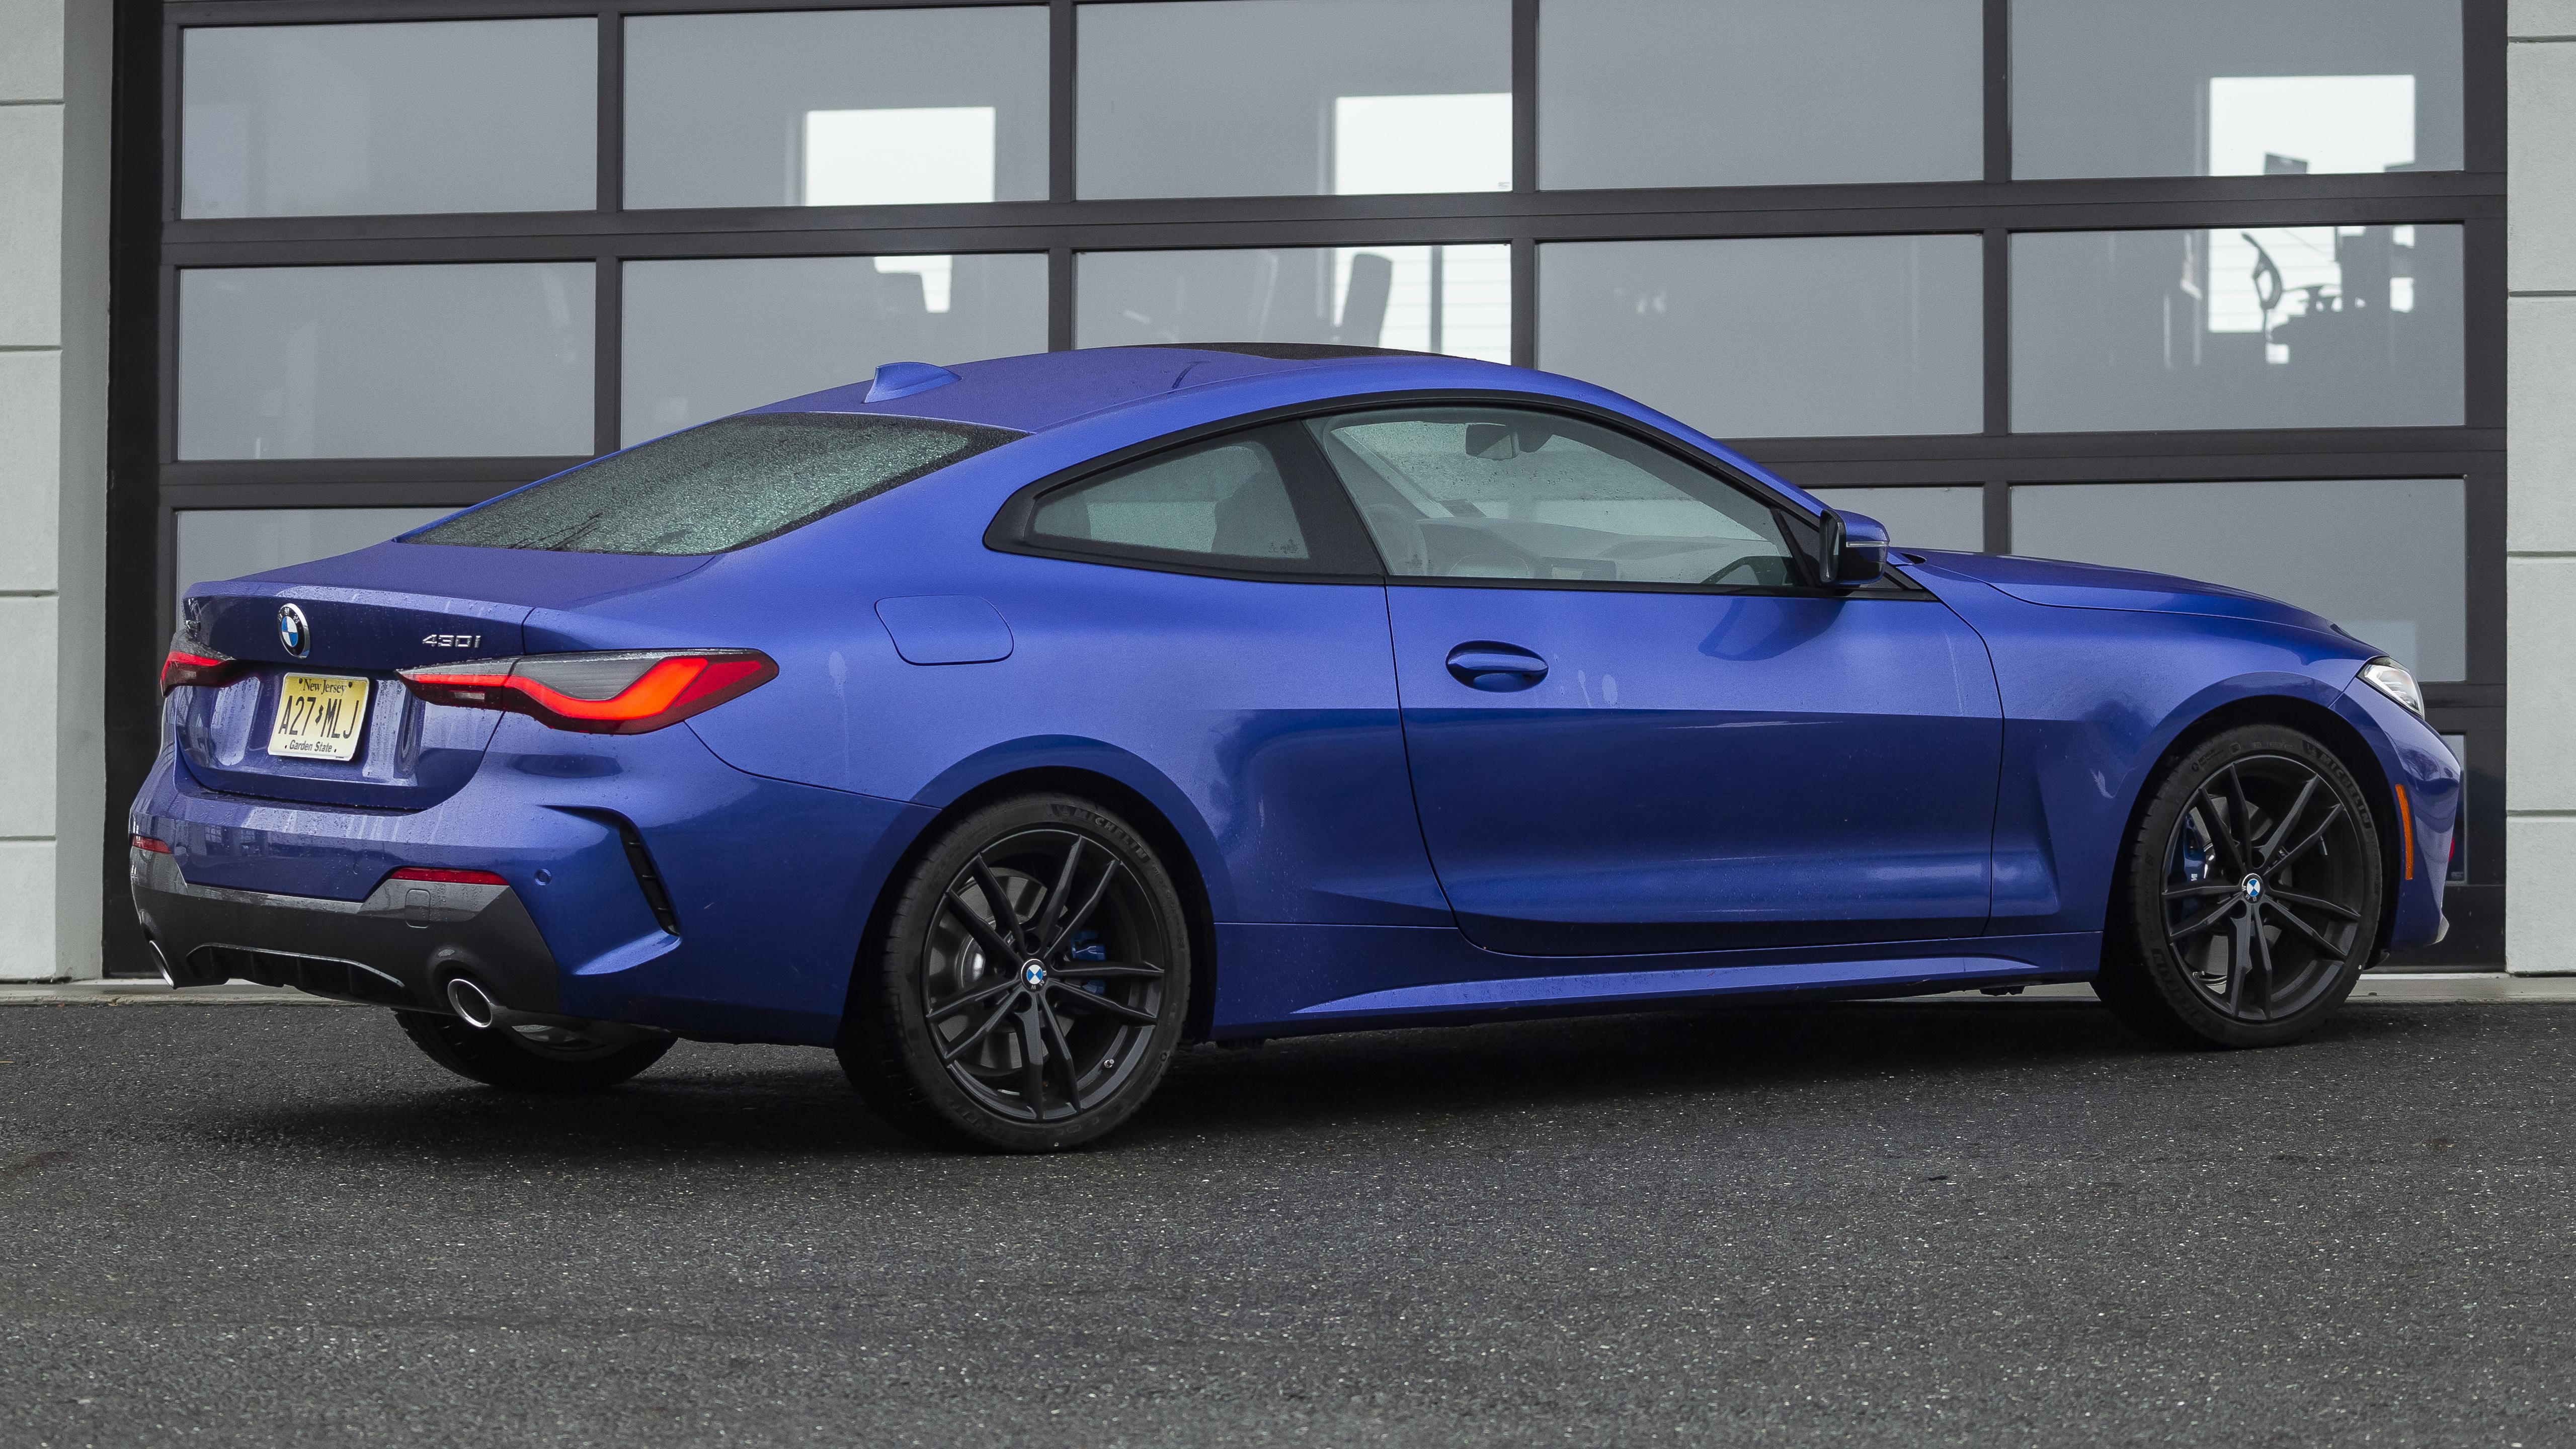 2021 bmw 430i xdrive coupé m sport 5k 2 wallpaper | hd car